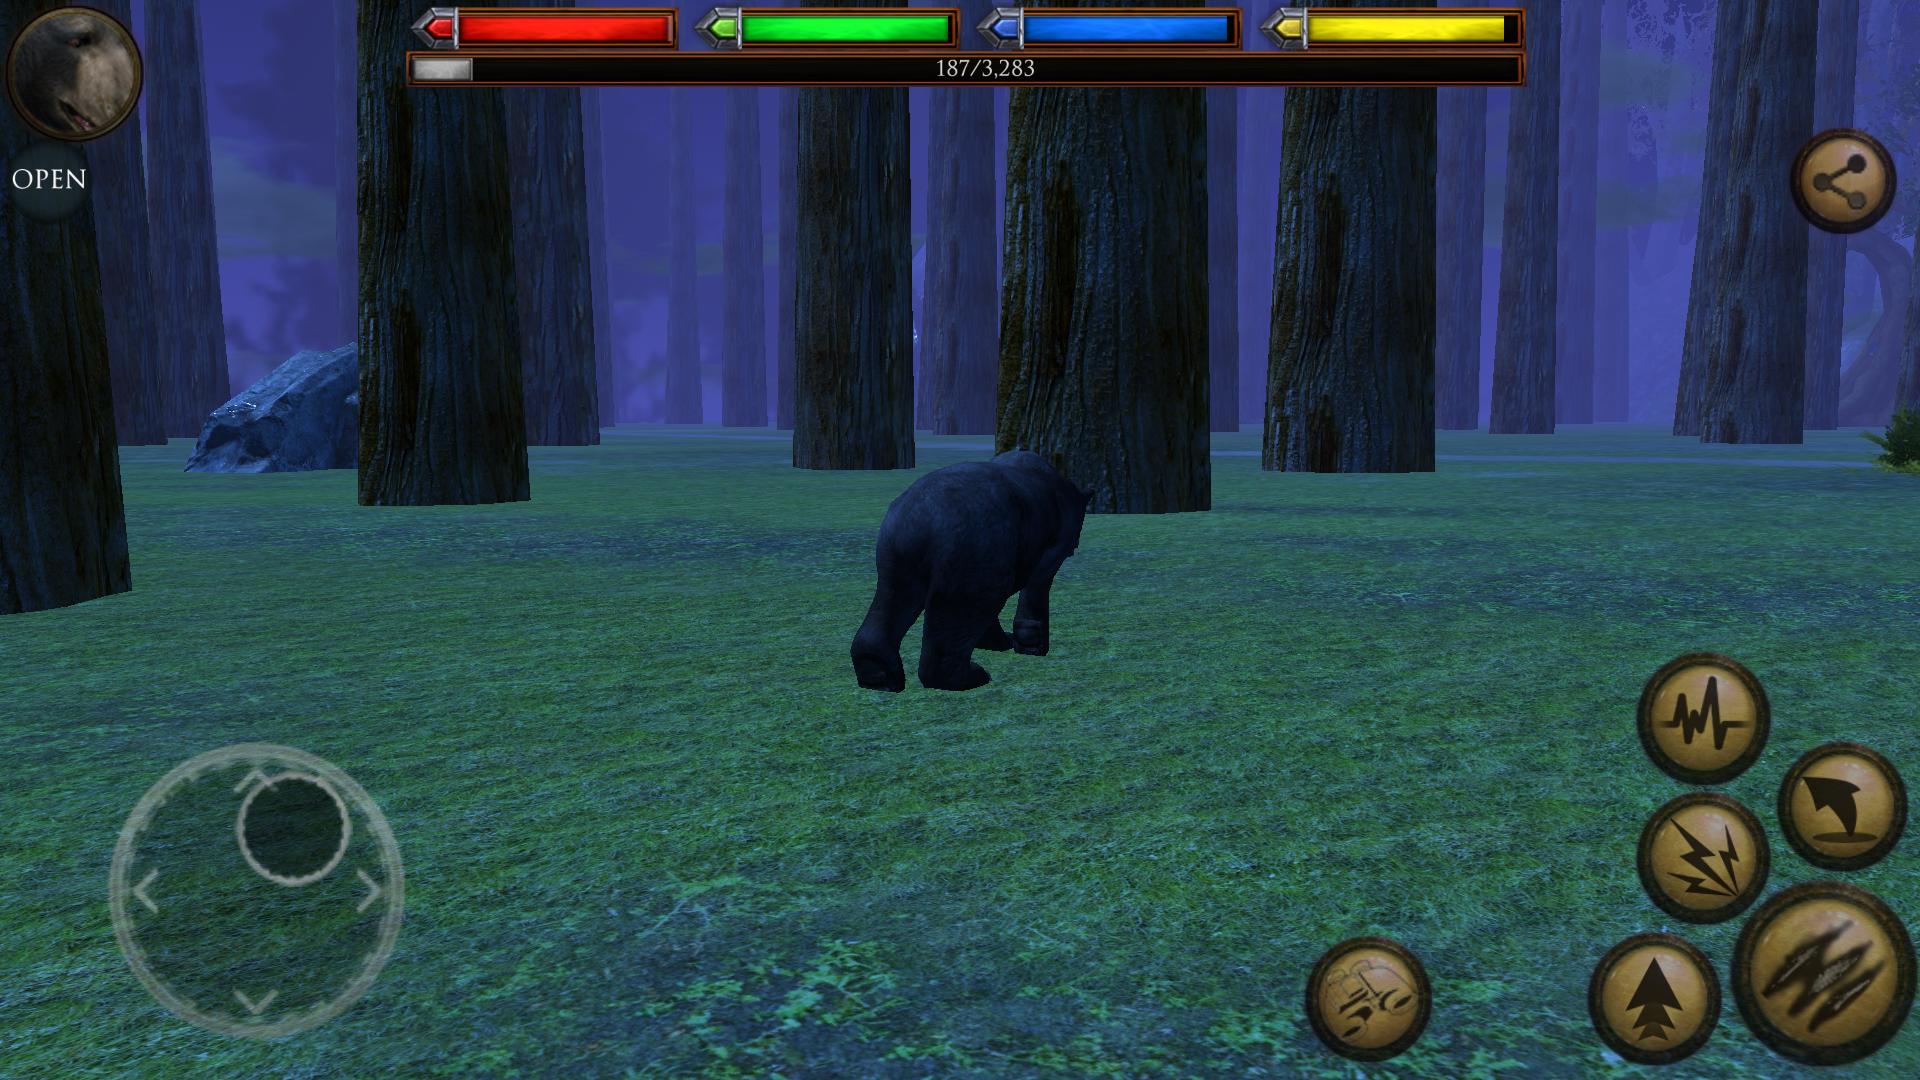 Скачать игры на компьютер симулятор животных